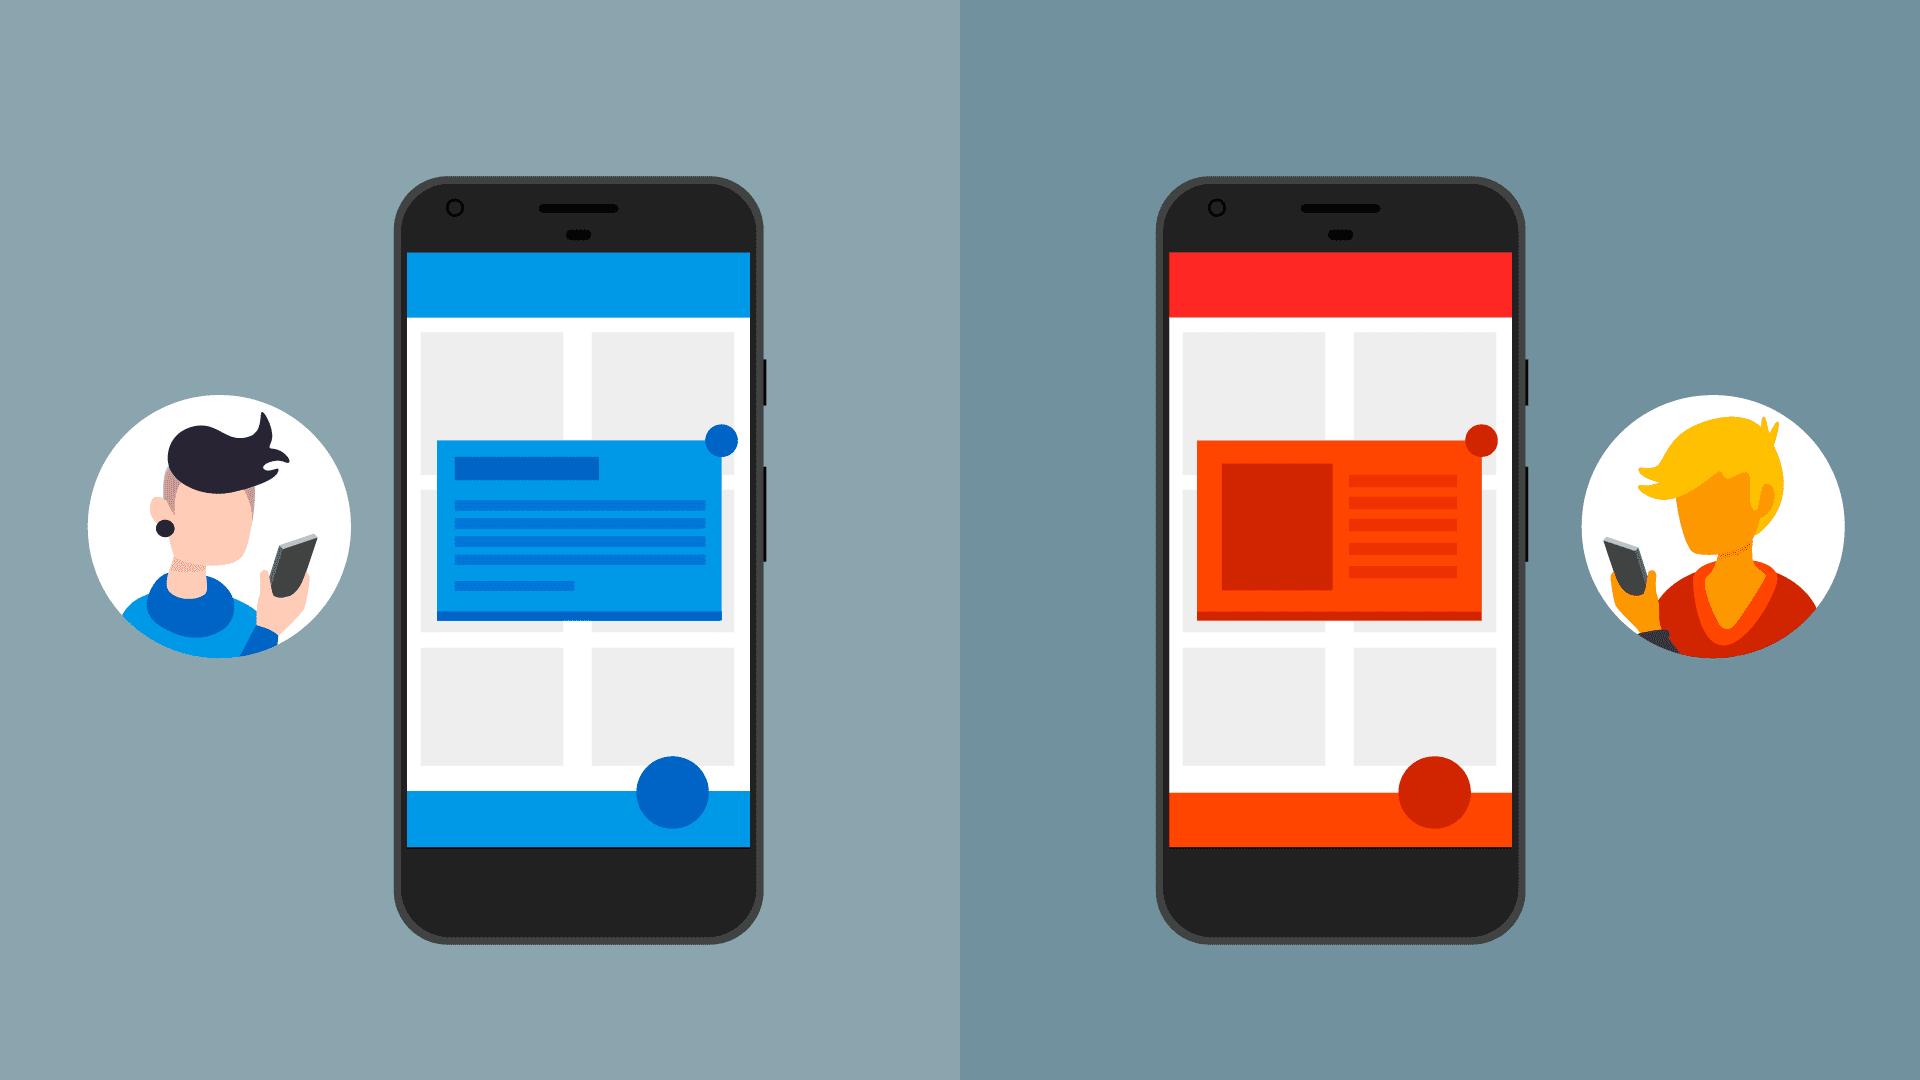 Deux messages dans l'application avec des styles différents